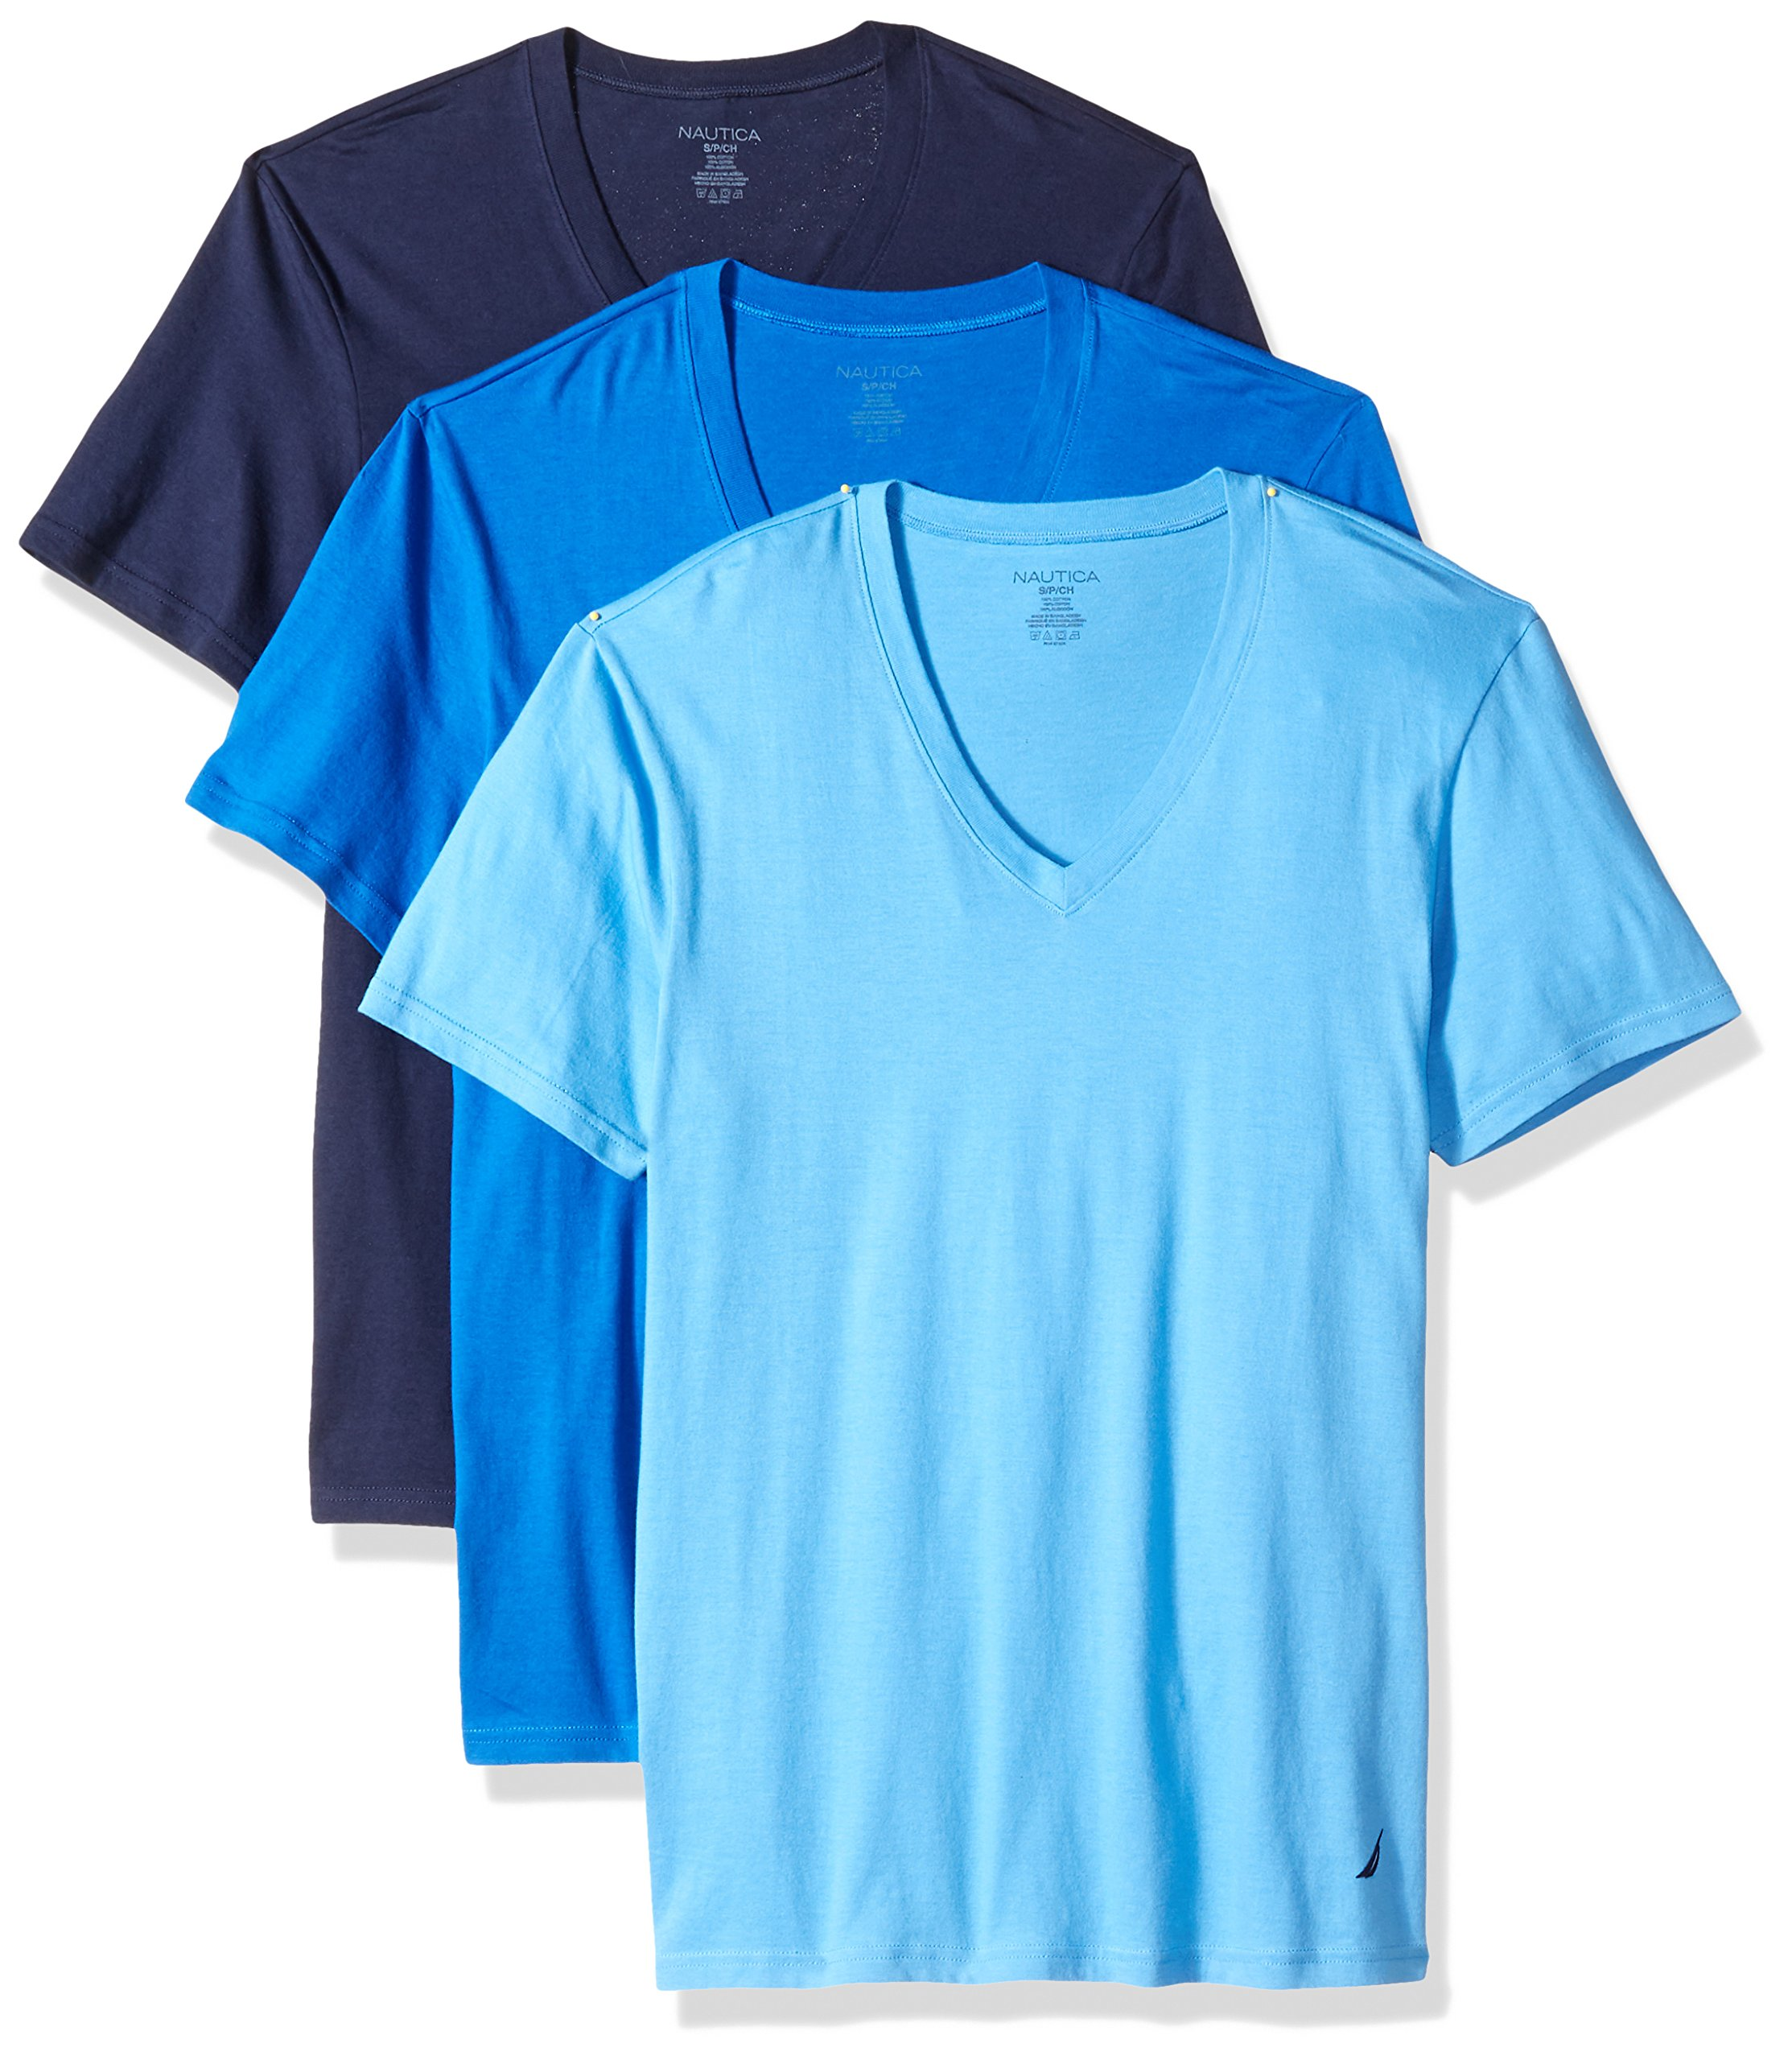 Nautica Men's 3-Pack Cotton V-Neck T-Shirt, Peacoat/Aero/Cob, Large